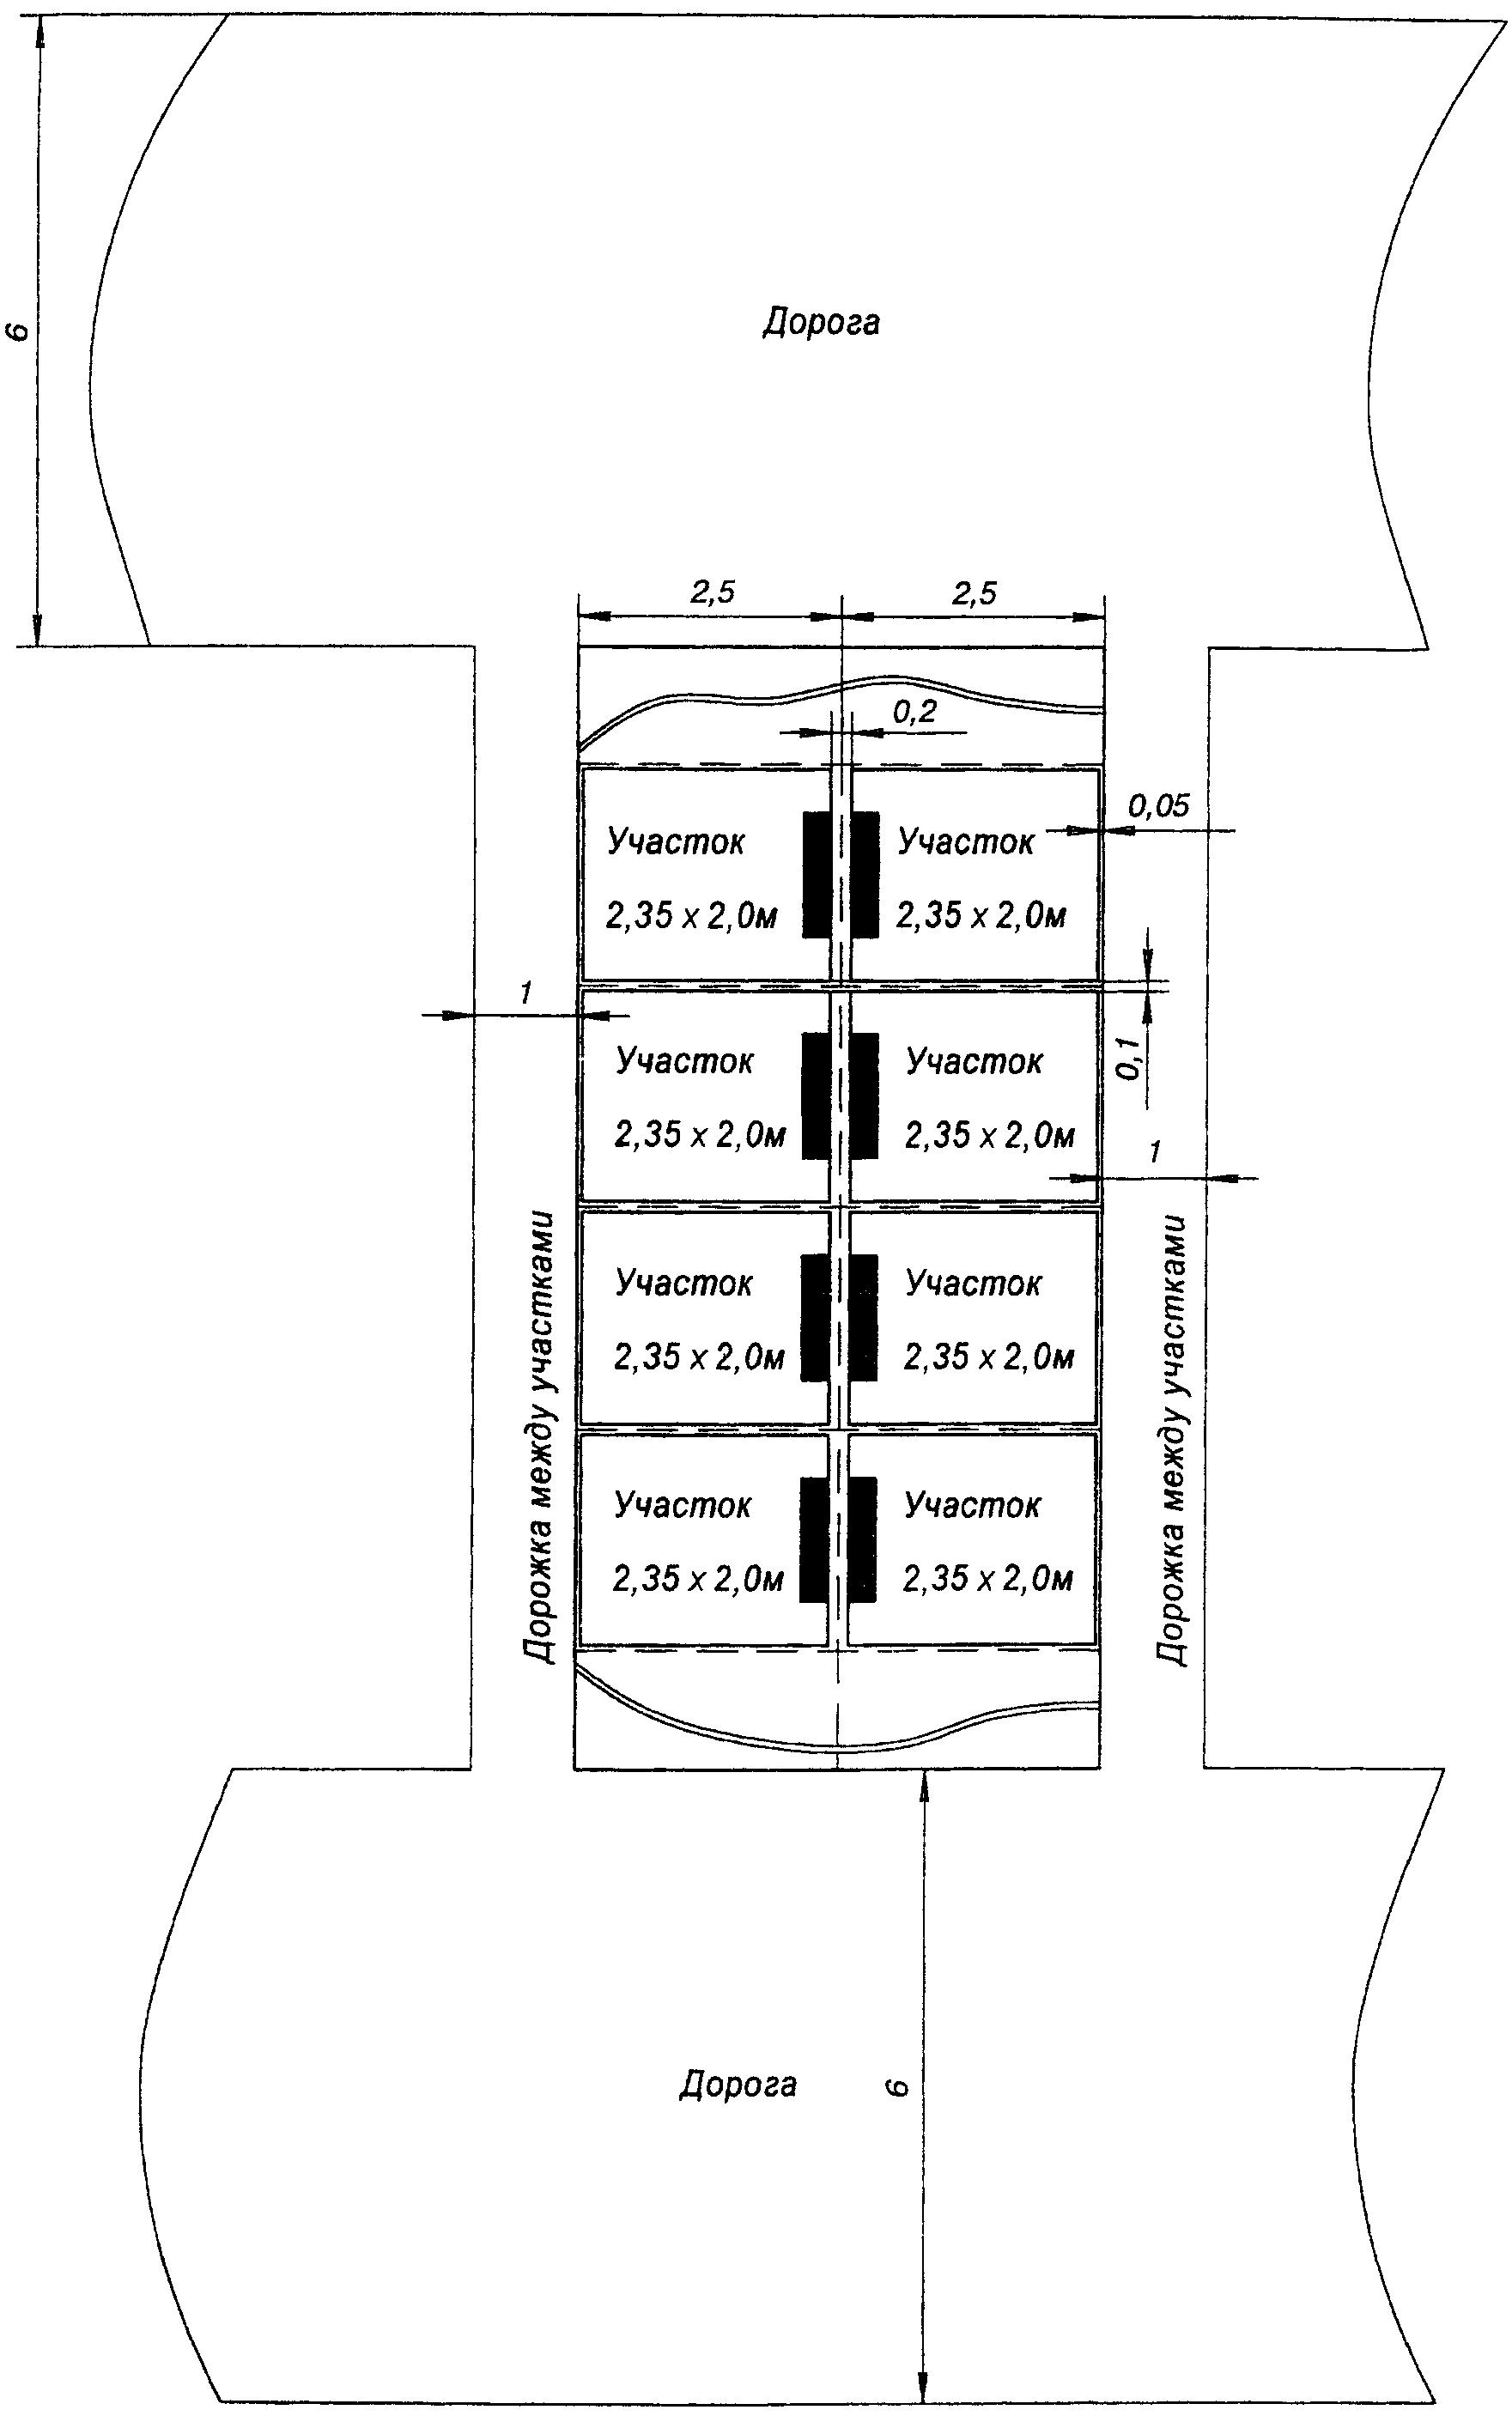 схема ливнестоков на рельеф